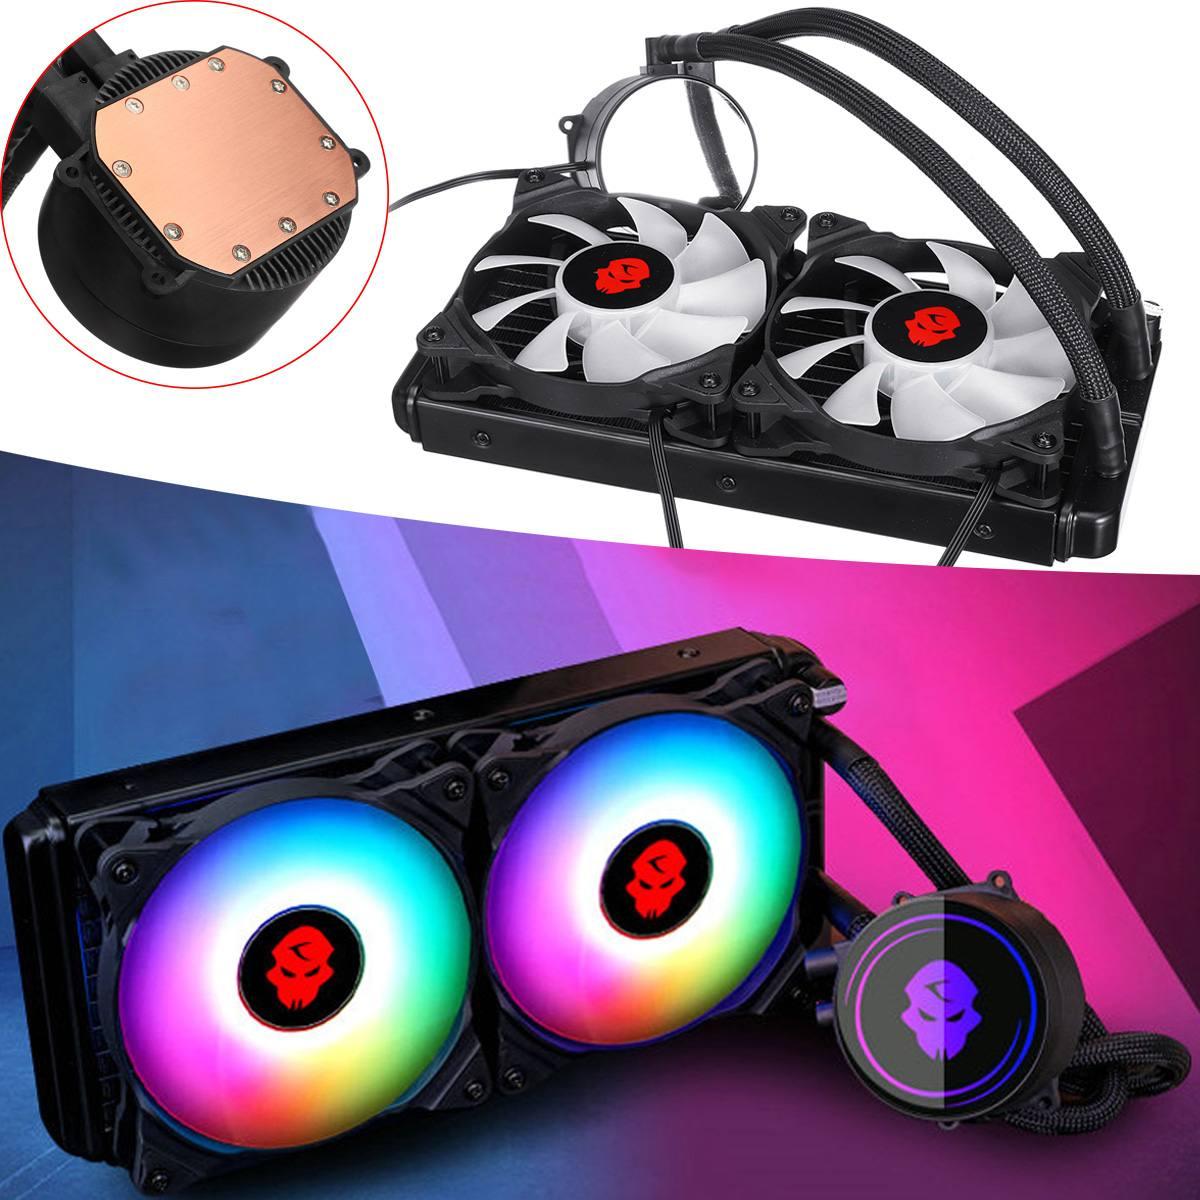 4pin PWM CPU ventilateur de refroidissement RGB refroidissement par eau dissipateur thermique 240mm Double rangée PC refroidisseur d'eau pour Intel LGA 775 115X2011 1366 pour AMD